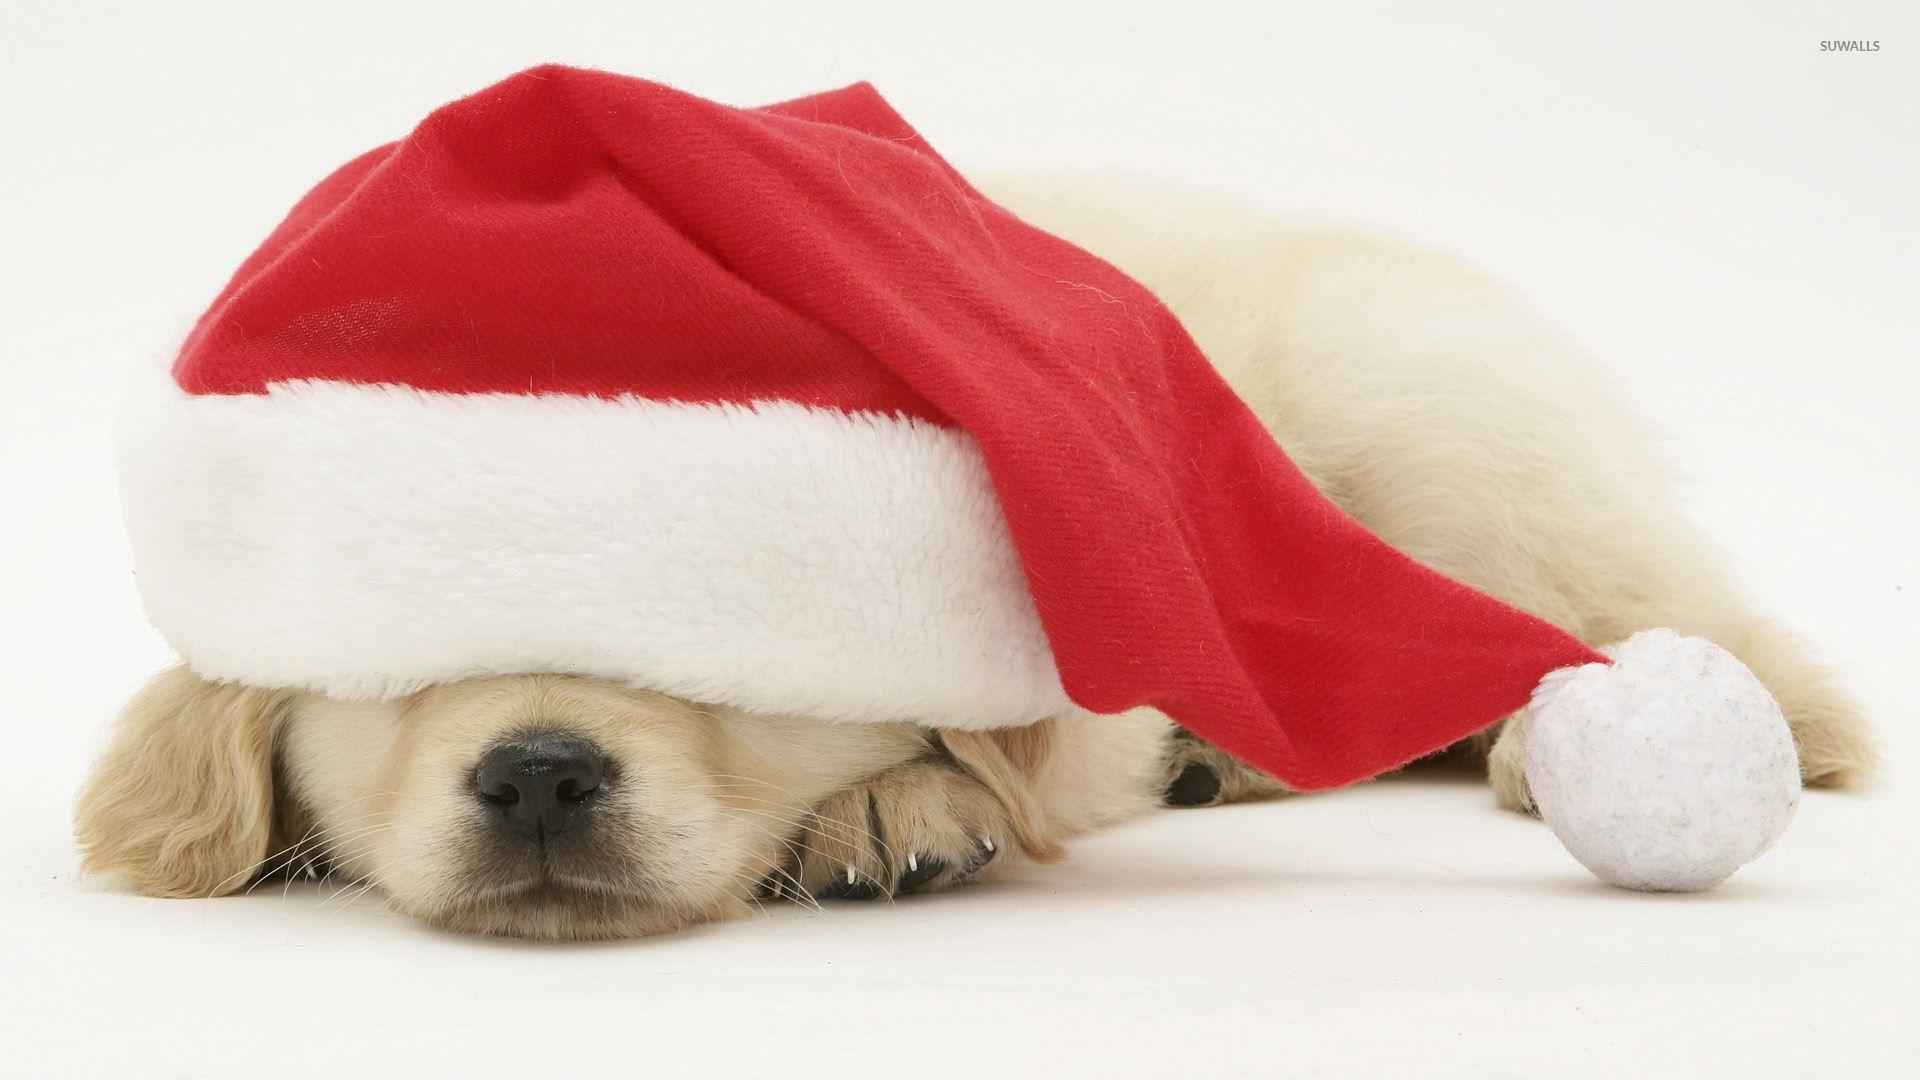 Puppy sleeping under santa s hat wallpaper animal